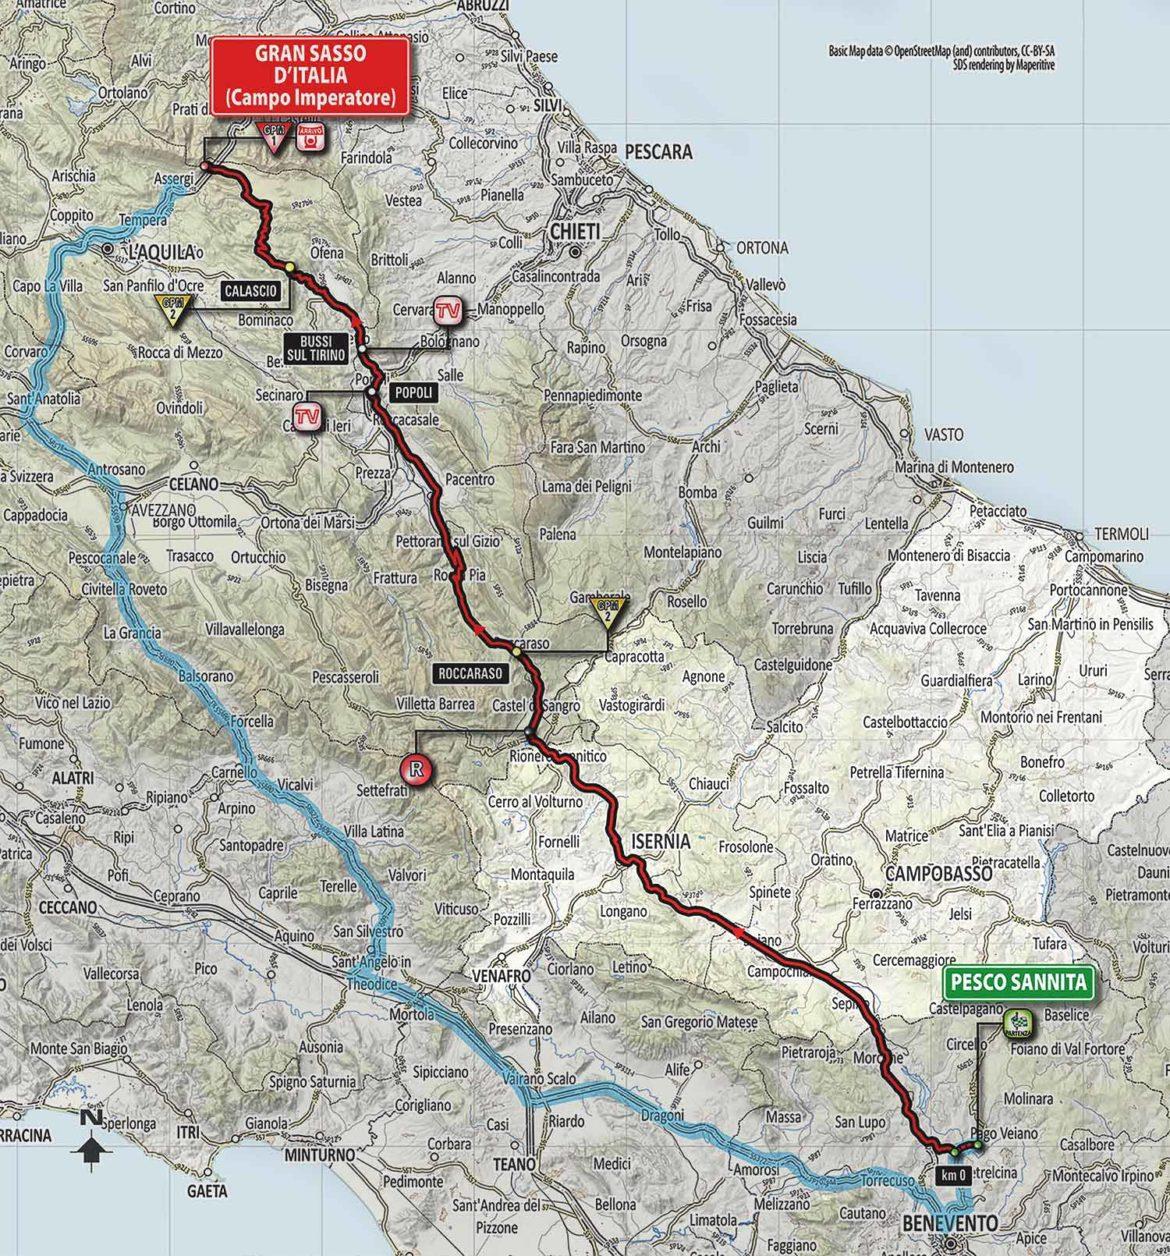 Il 13 maggio il Giro d'Italia 2018 attraversa il Molise